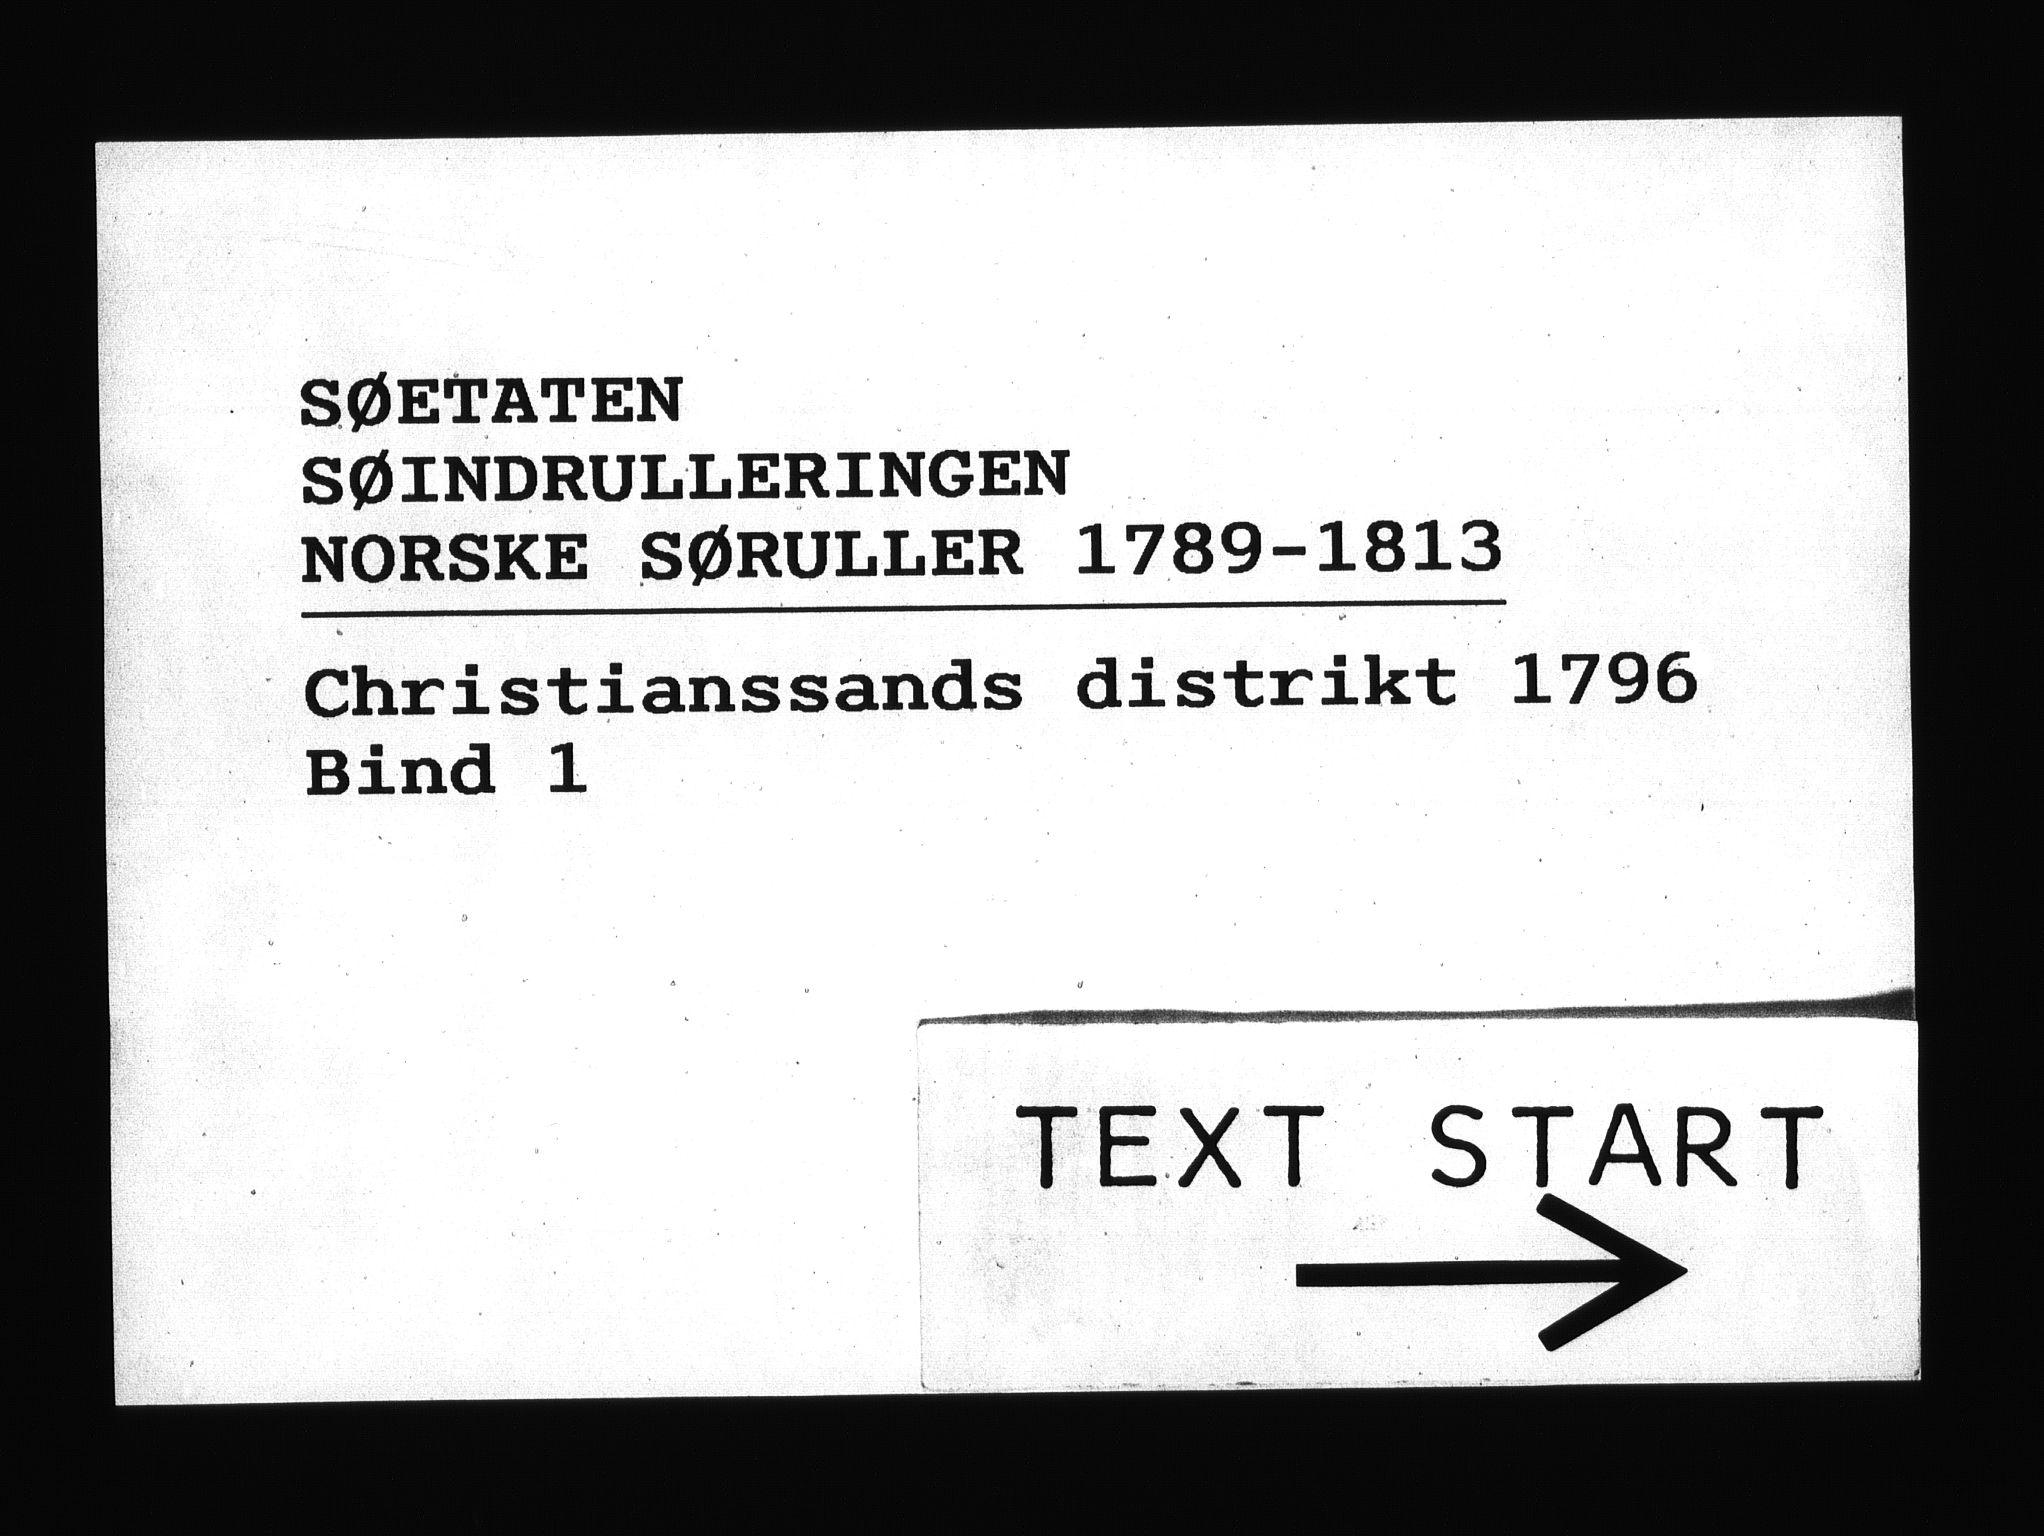 RA, Sjøetaten, F/L0026: Kristiansand distrikt, bind 1, 1796